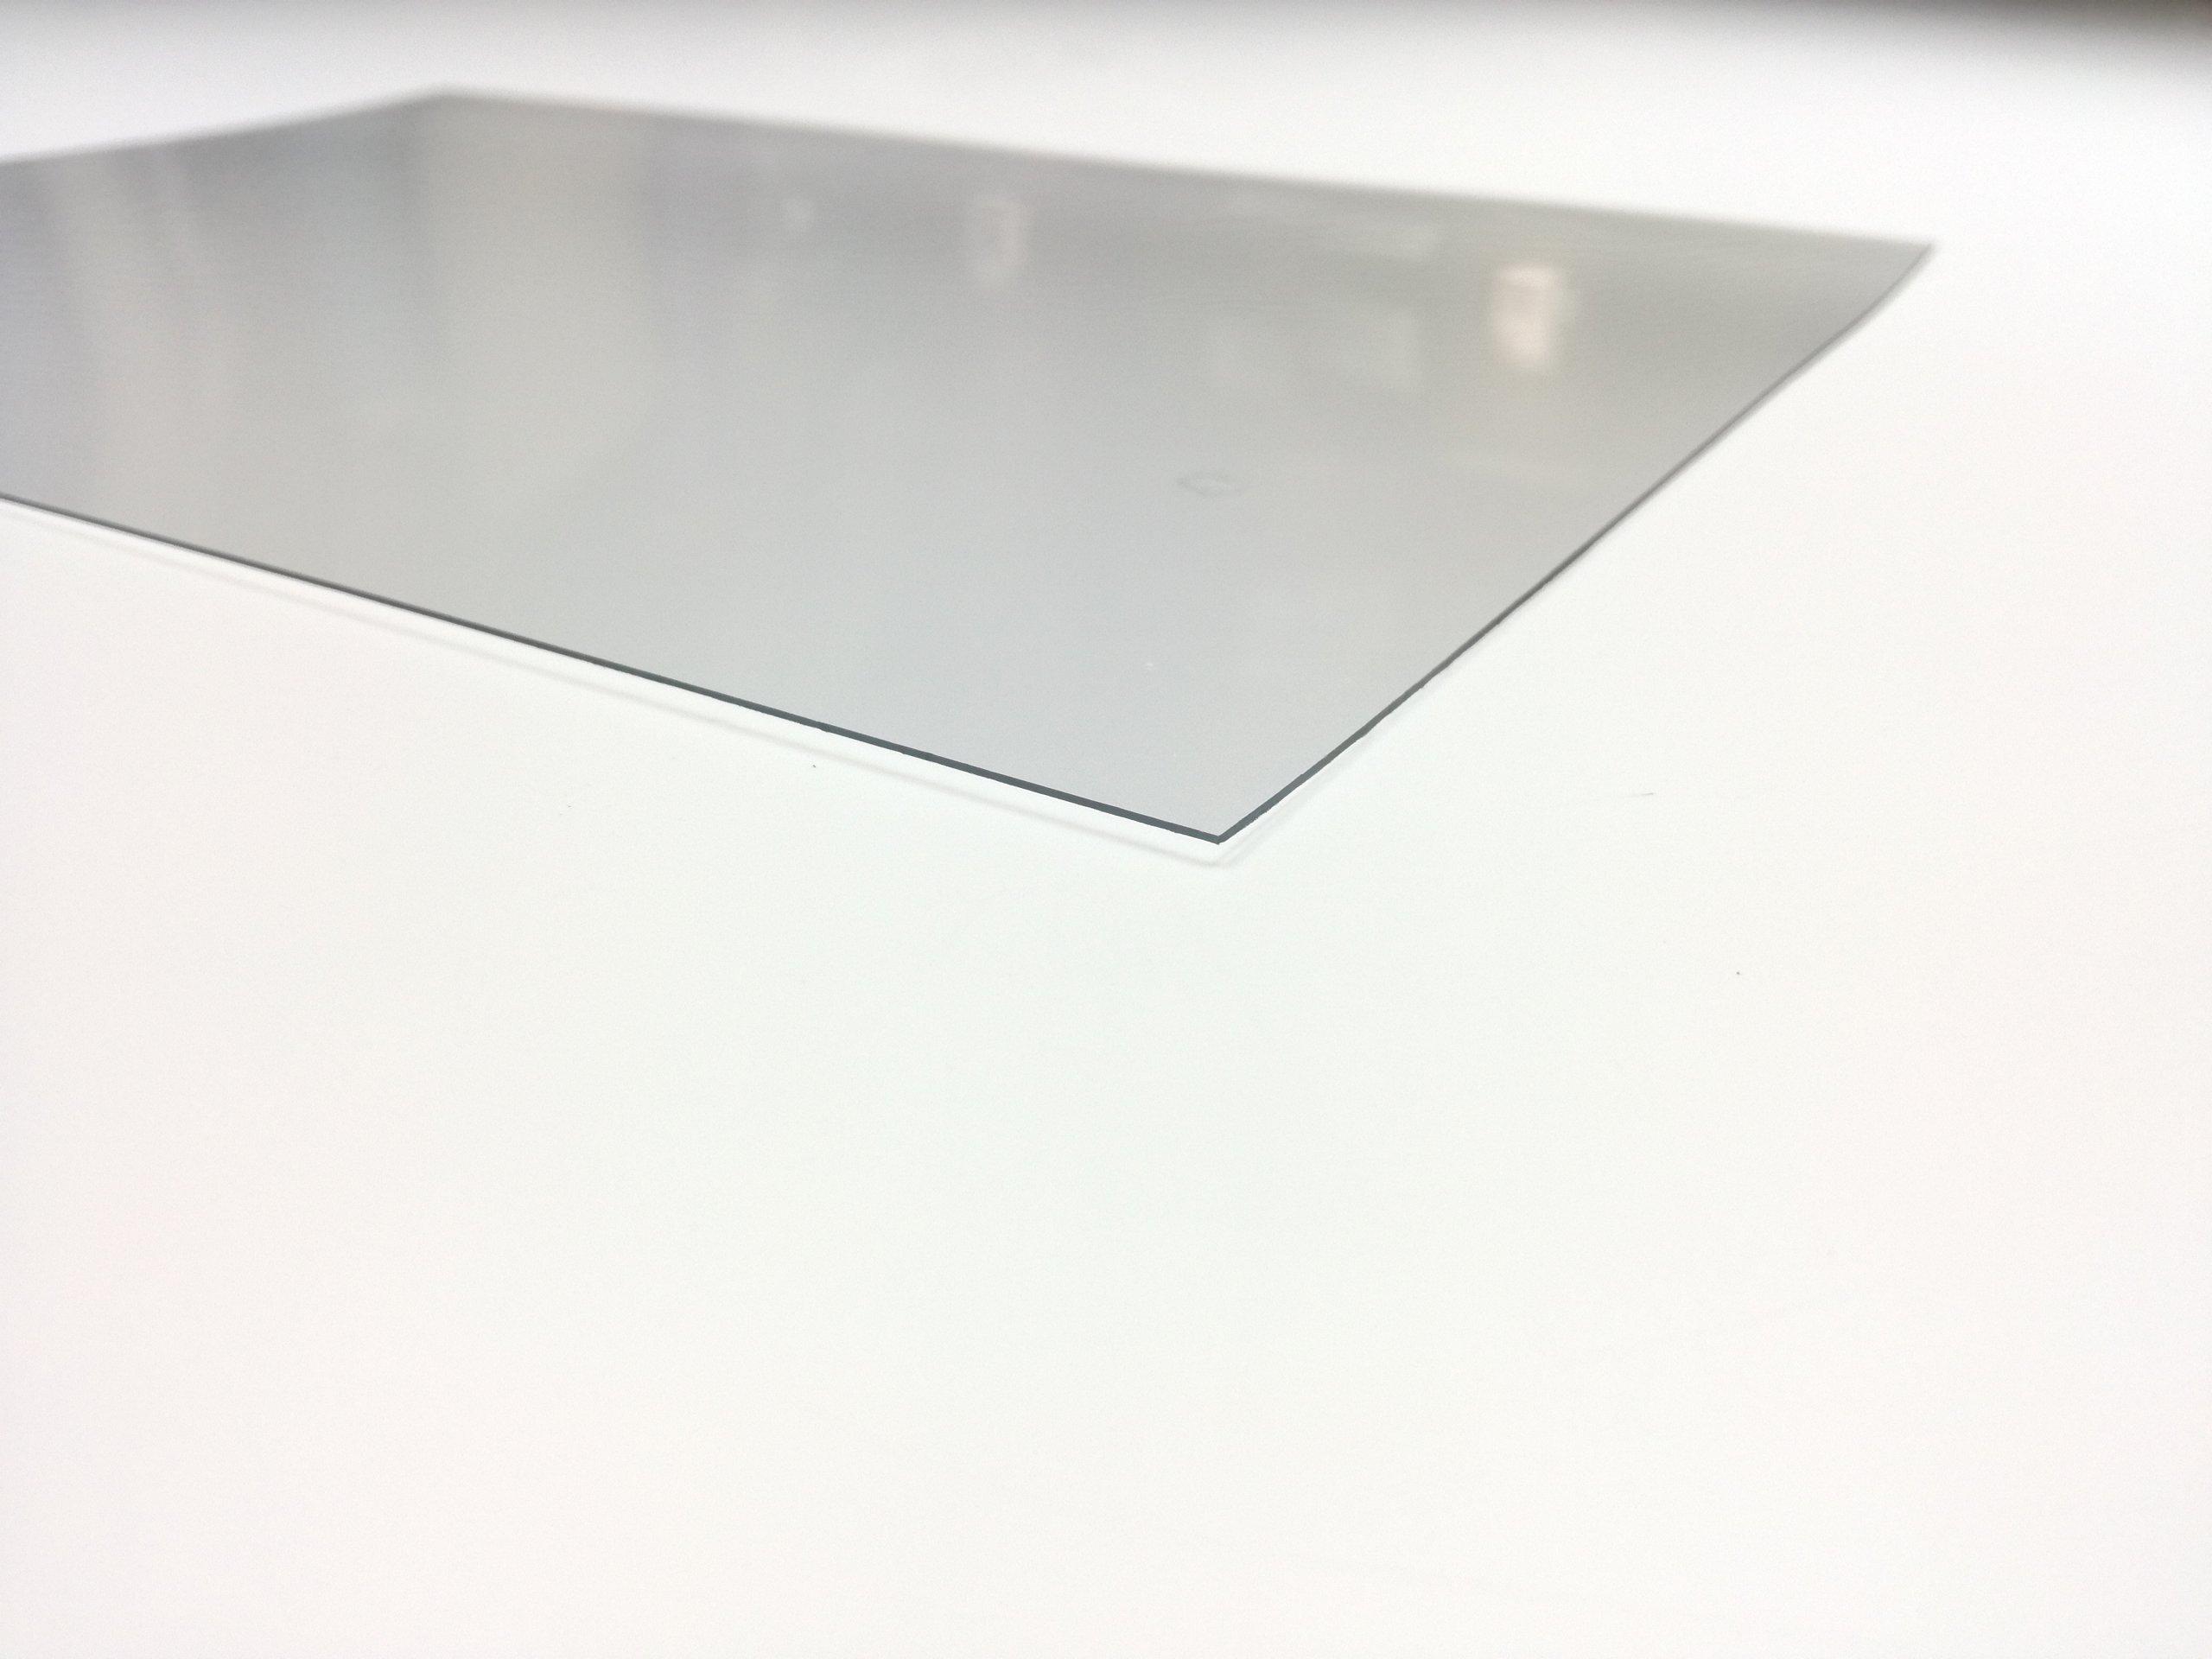 1 mm polykarbonát malý 125x205cm bezfarebný